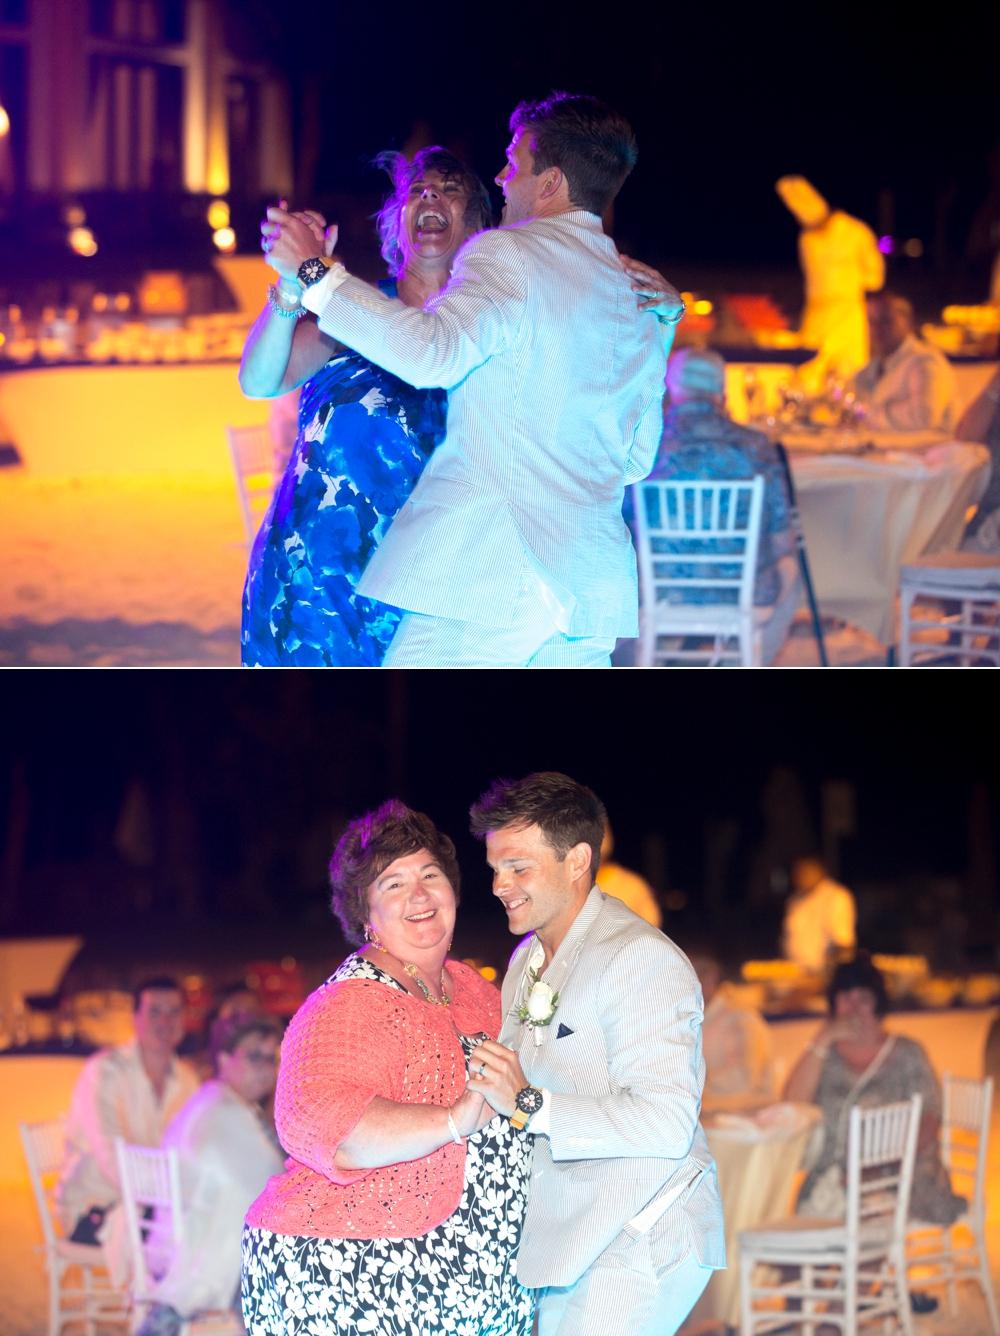 SomerbyJonesPhotography_IberostarGrandHotelParaiso_Mexico_Wedding_0045.jpg